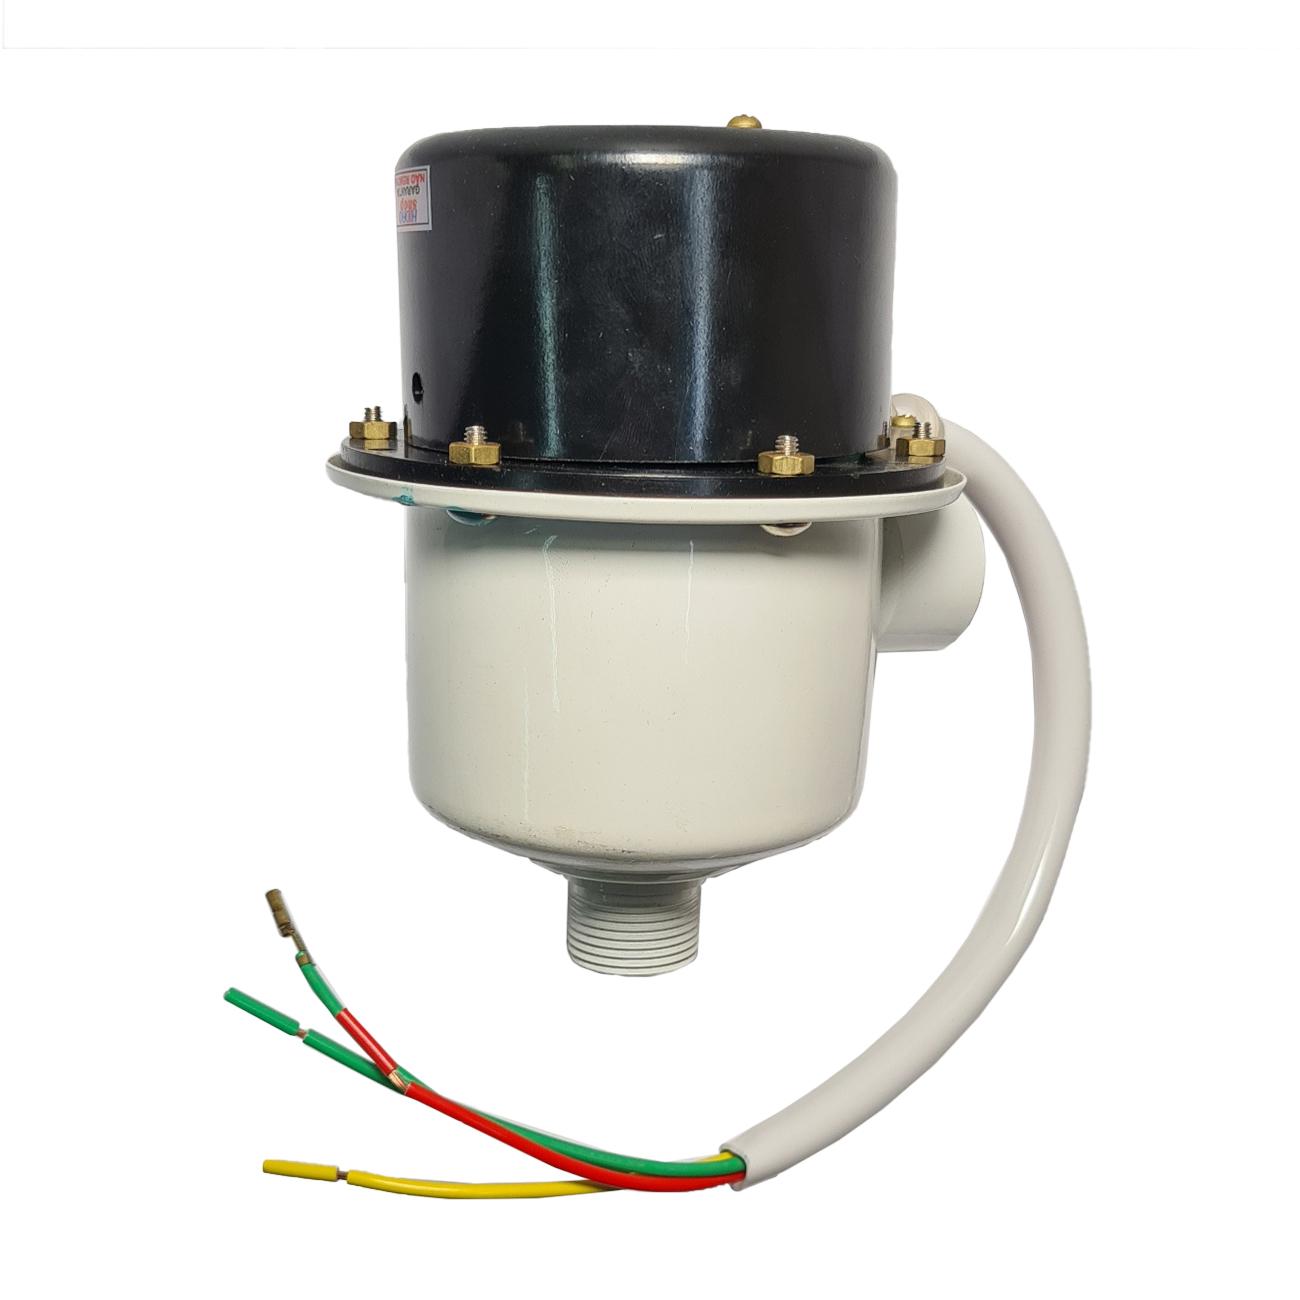 Chave de Fluxo para Pressurizador Potenza Cardal Bivolt - AC007